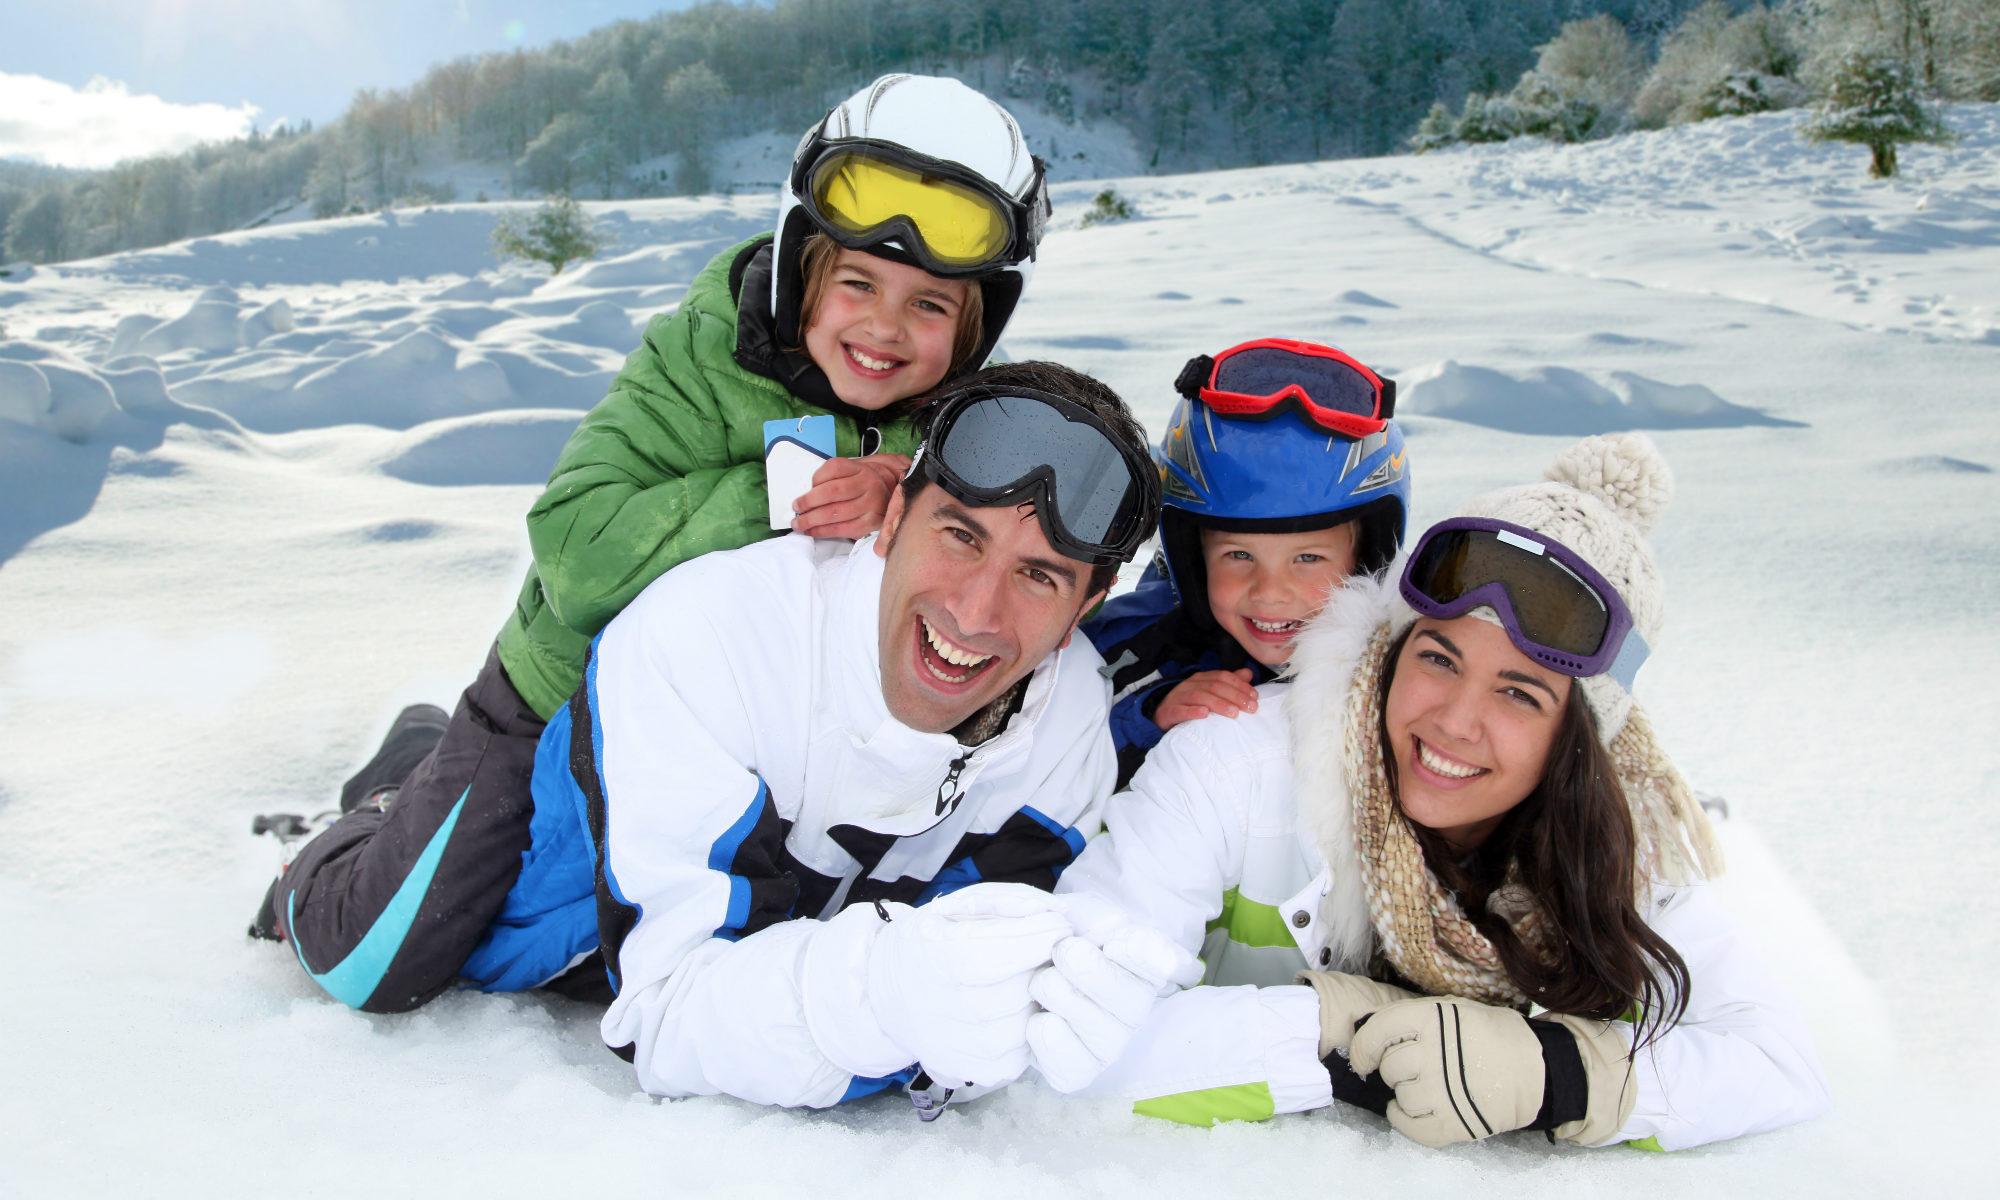 Una famiglia distesa sulla neve verso la macchina fotografica.